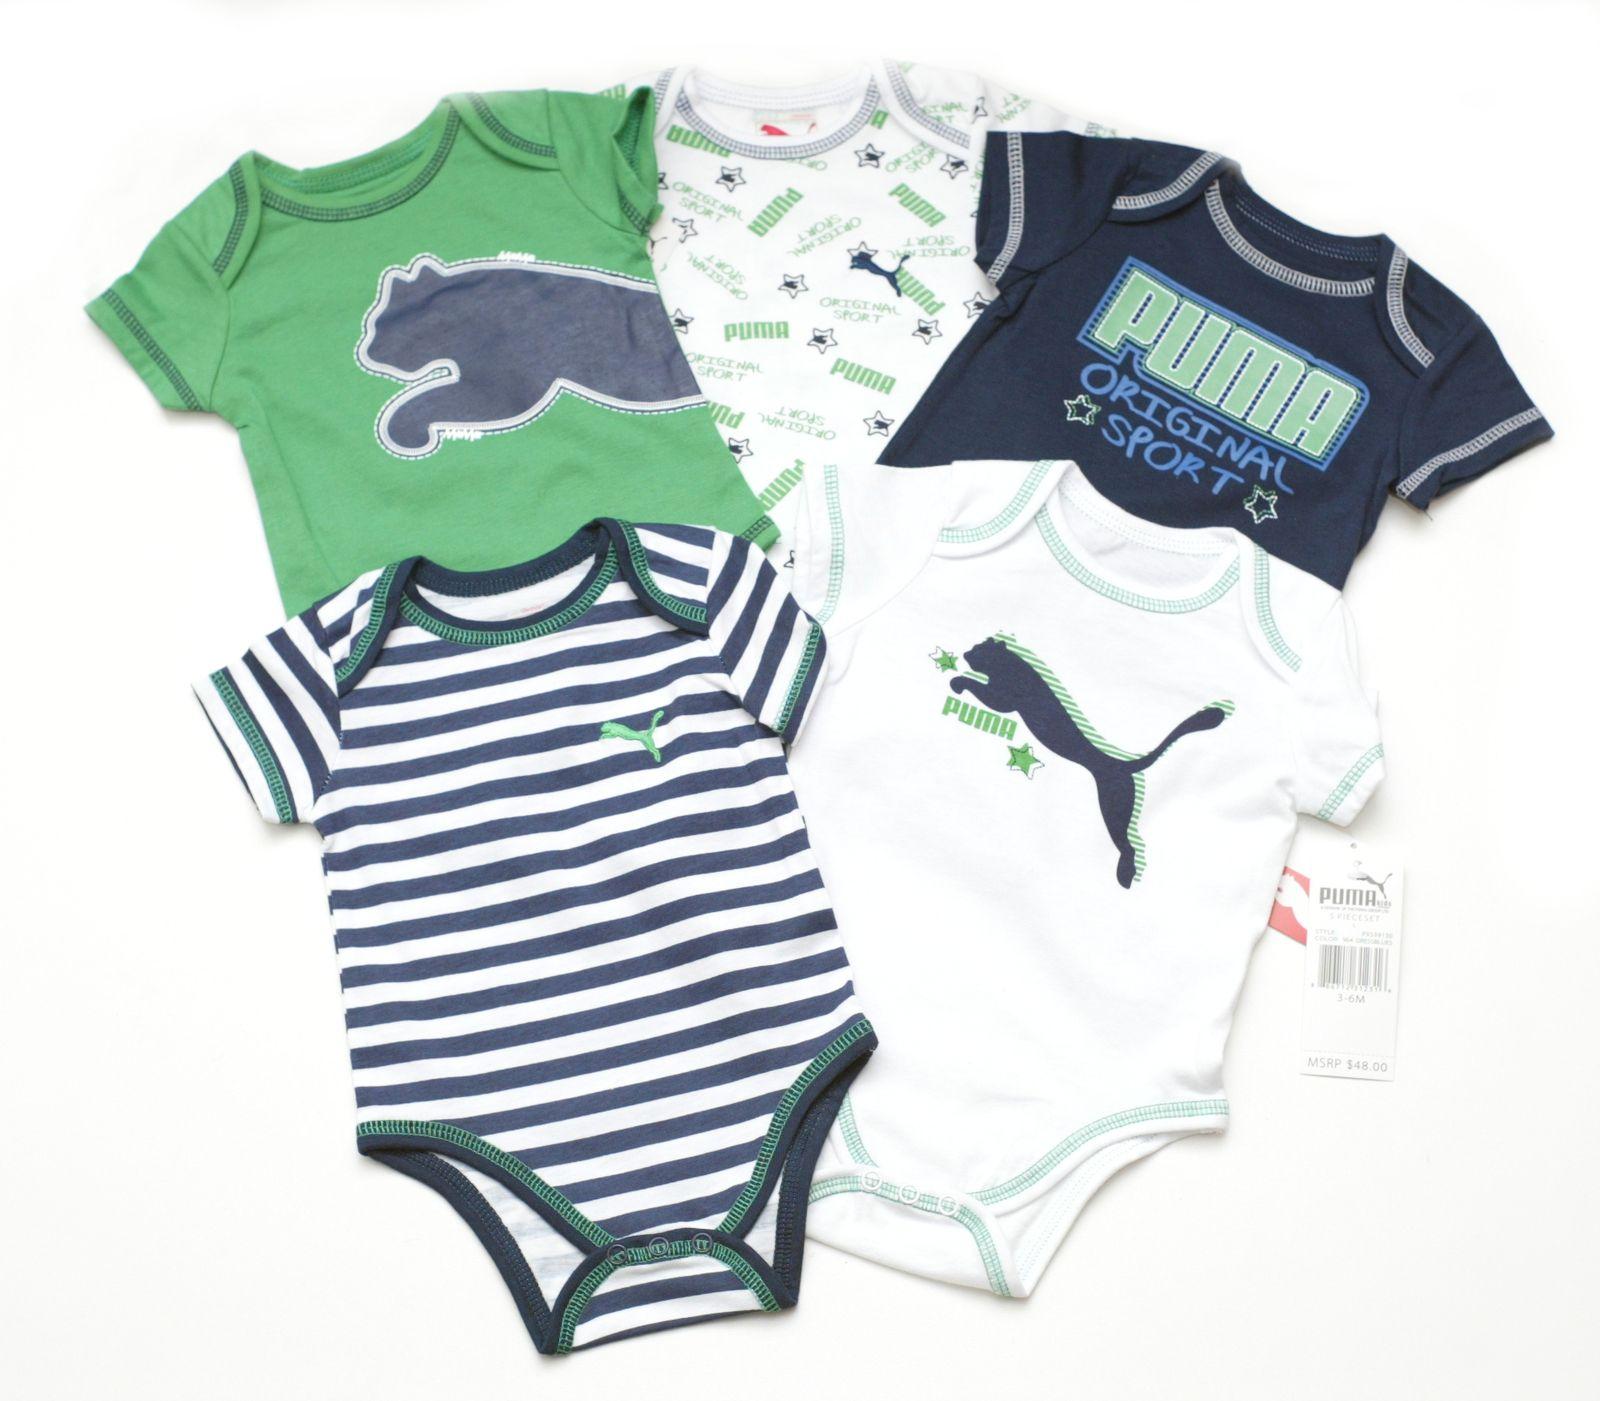 97775e04d Puma Infant Baby Boys 5 Piece Bodysuit Romper One Piece Outfit Set Green